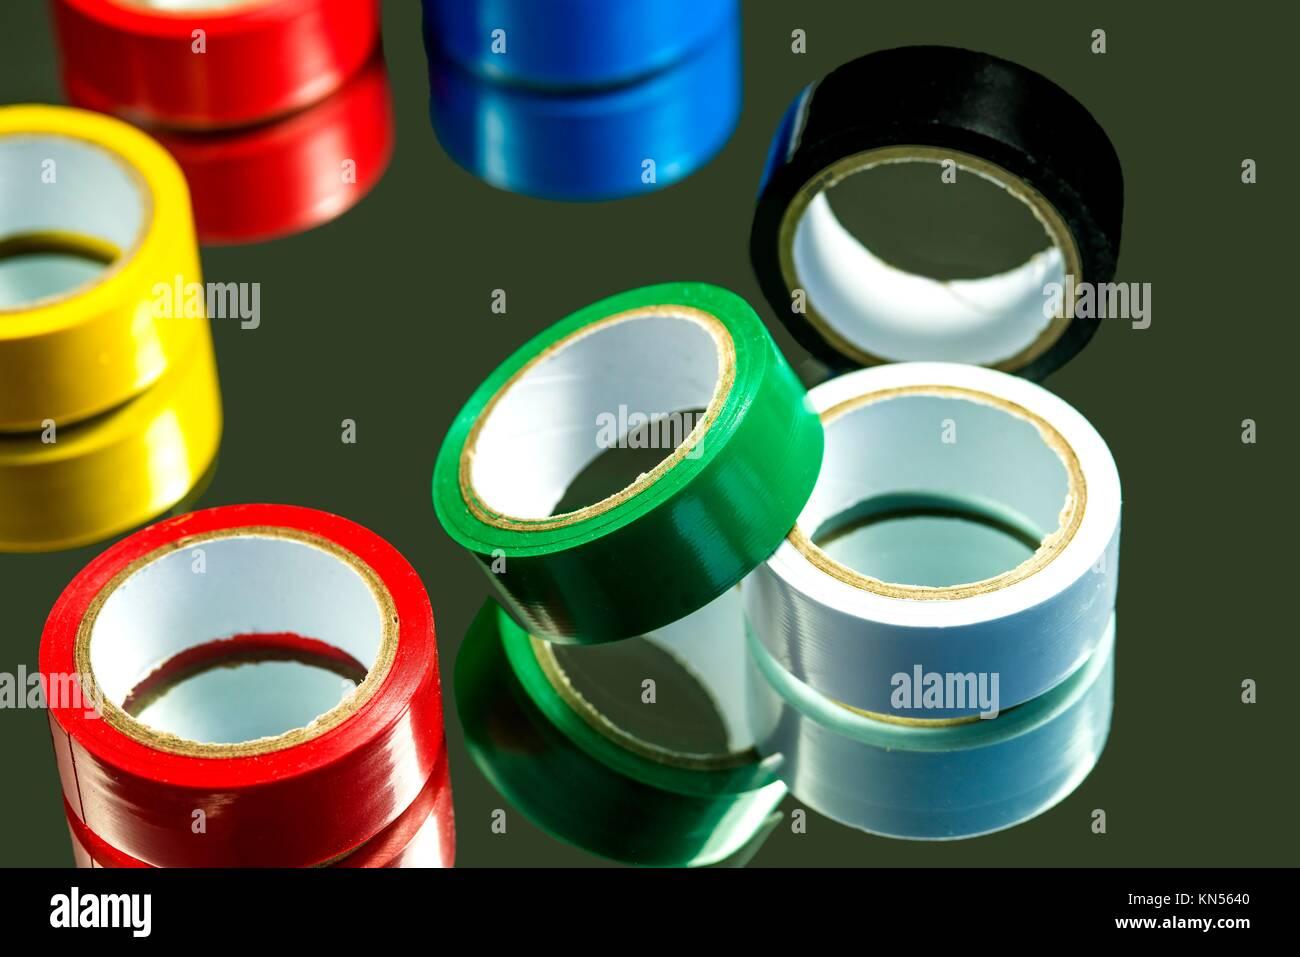 isolation tape. - Stock Image